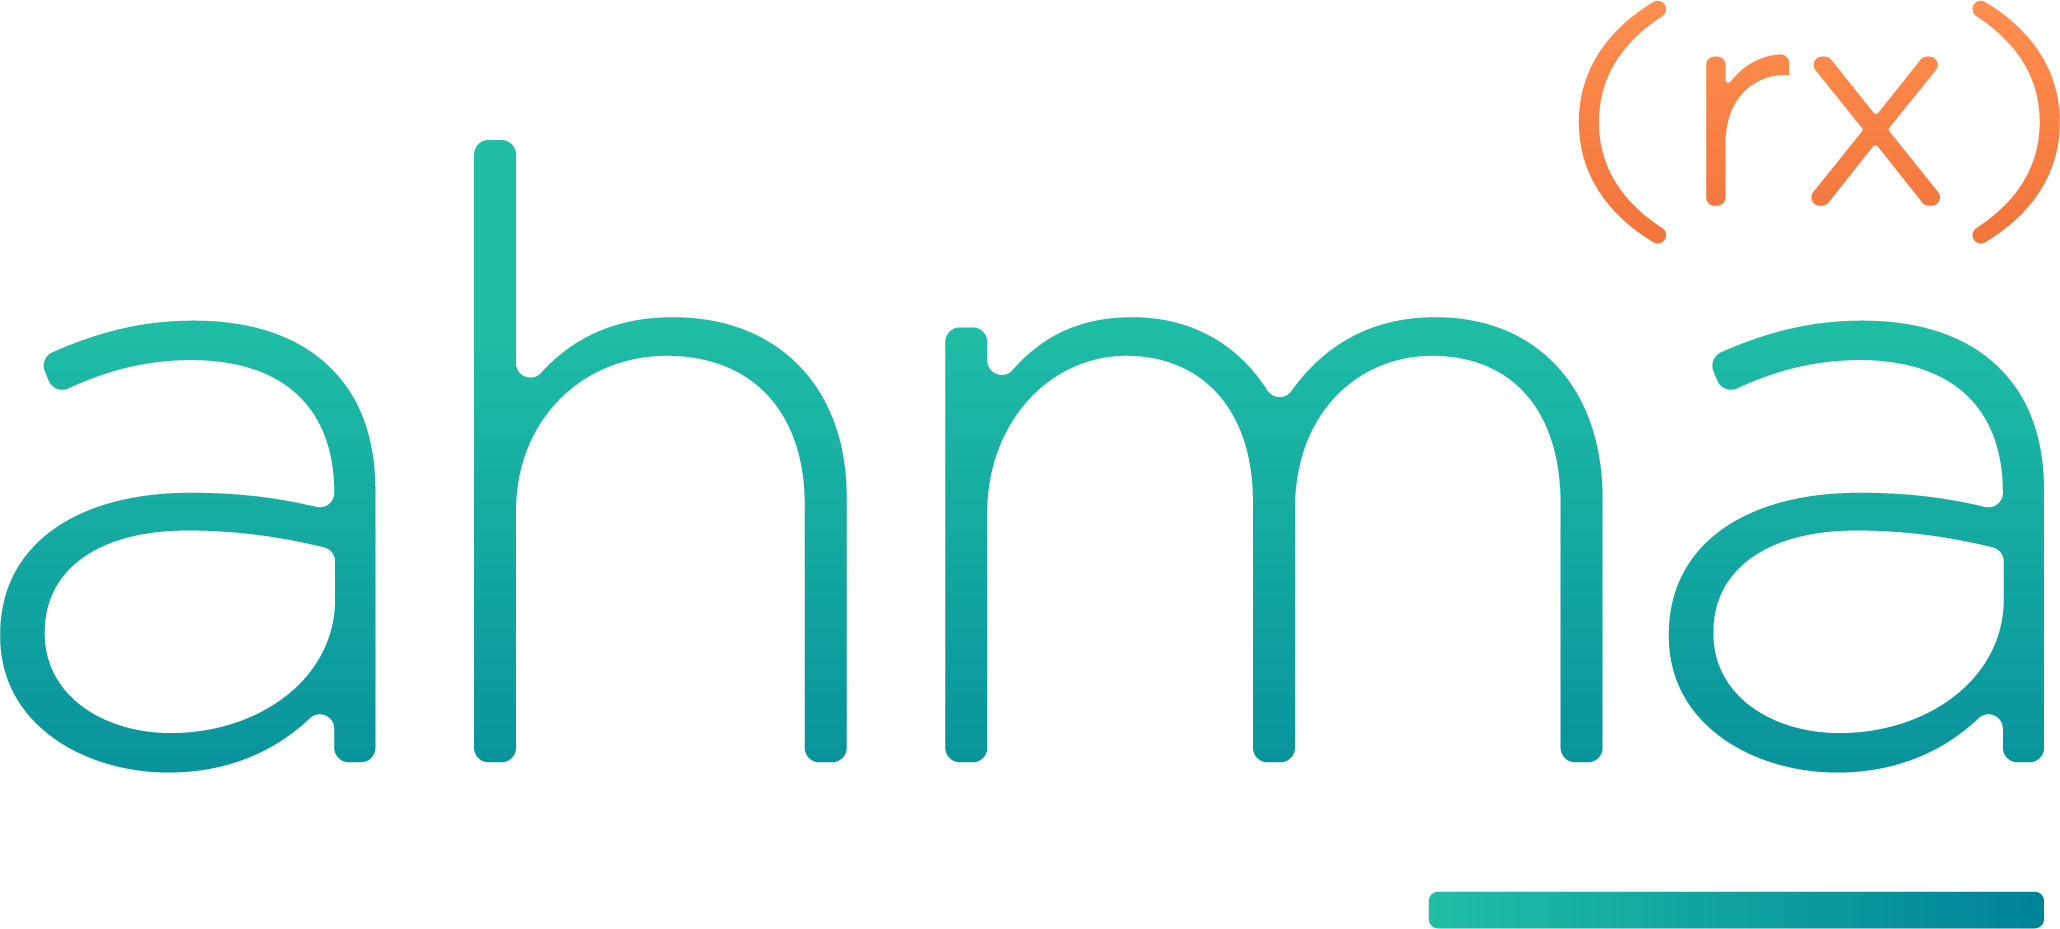 ahmarx_logo